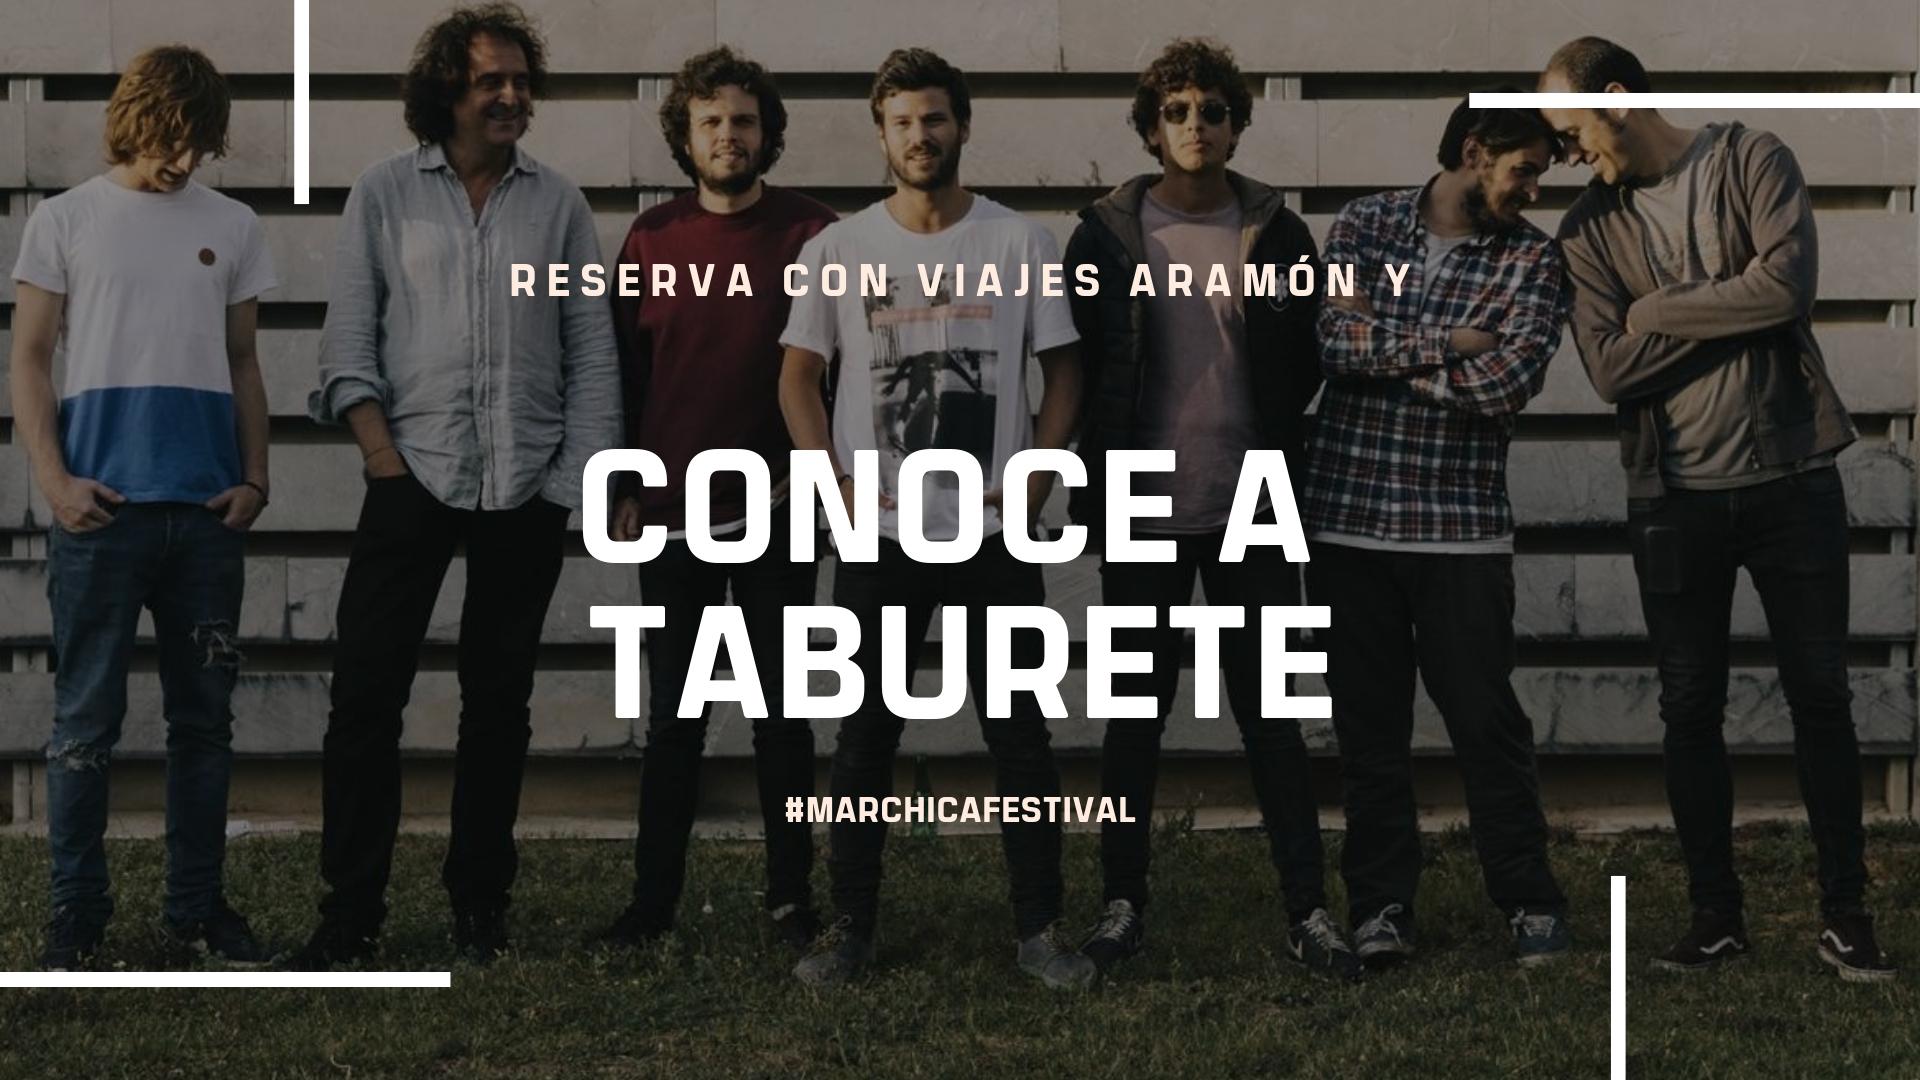 ¿Quieres conocer a Taburete? ¡Canta con nosotros! #MarchicaFestival